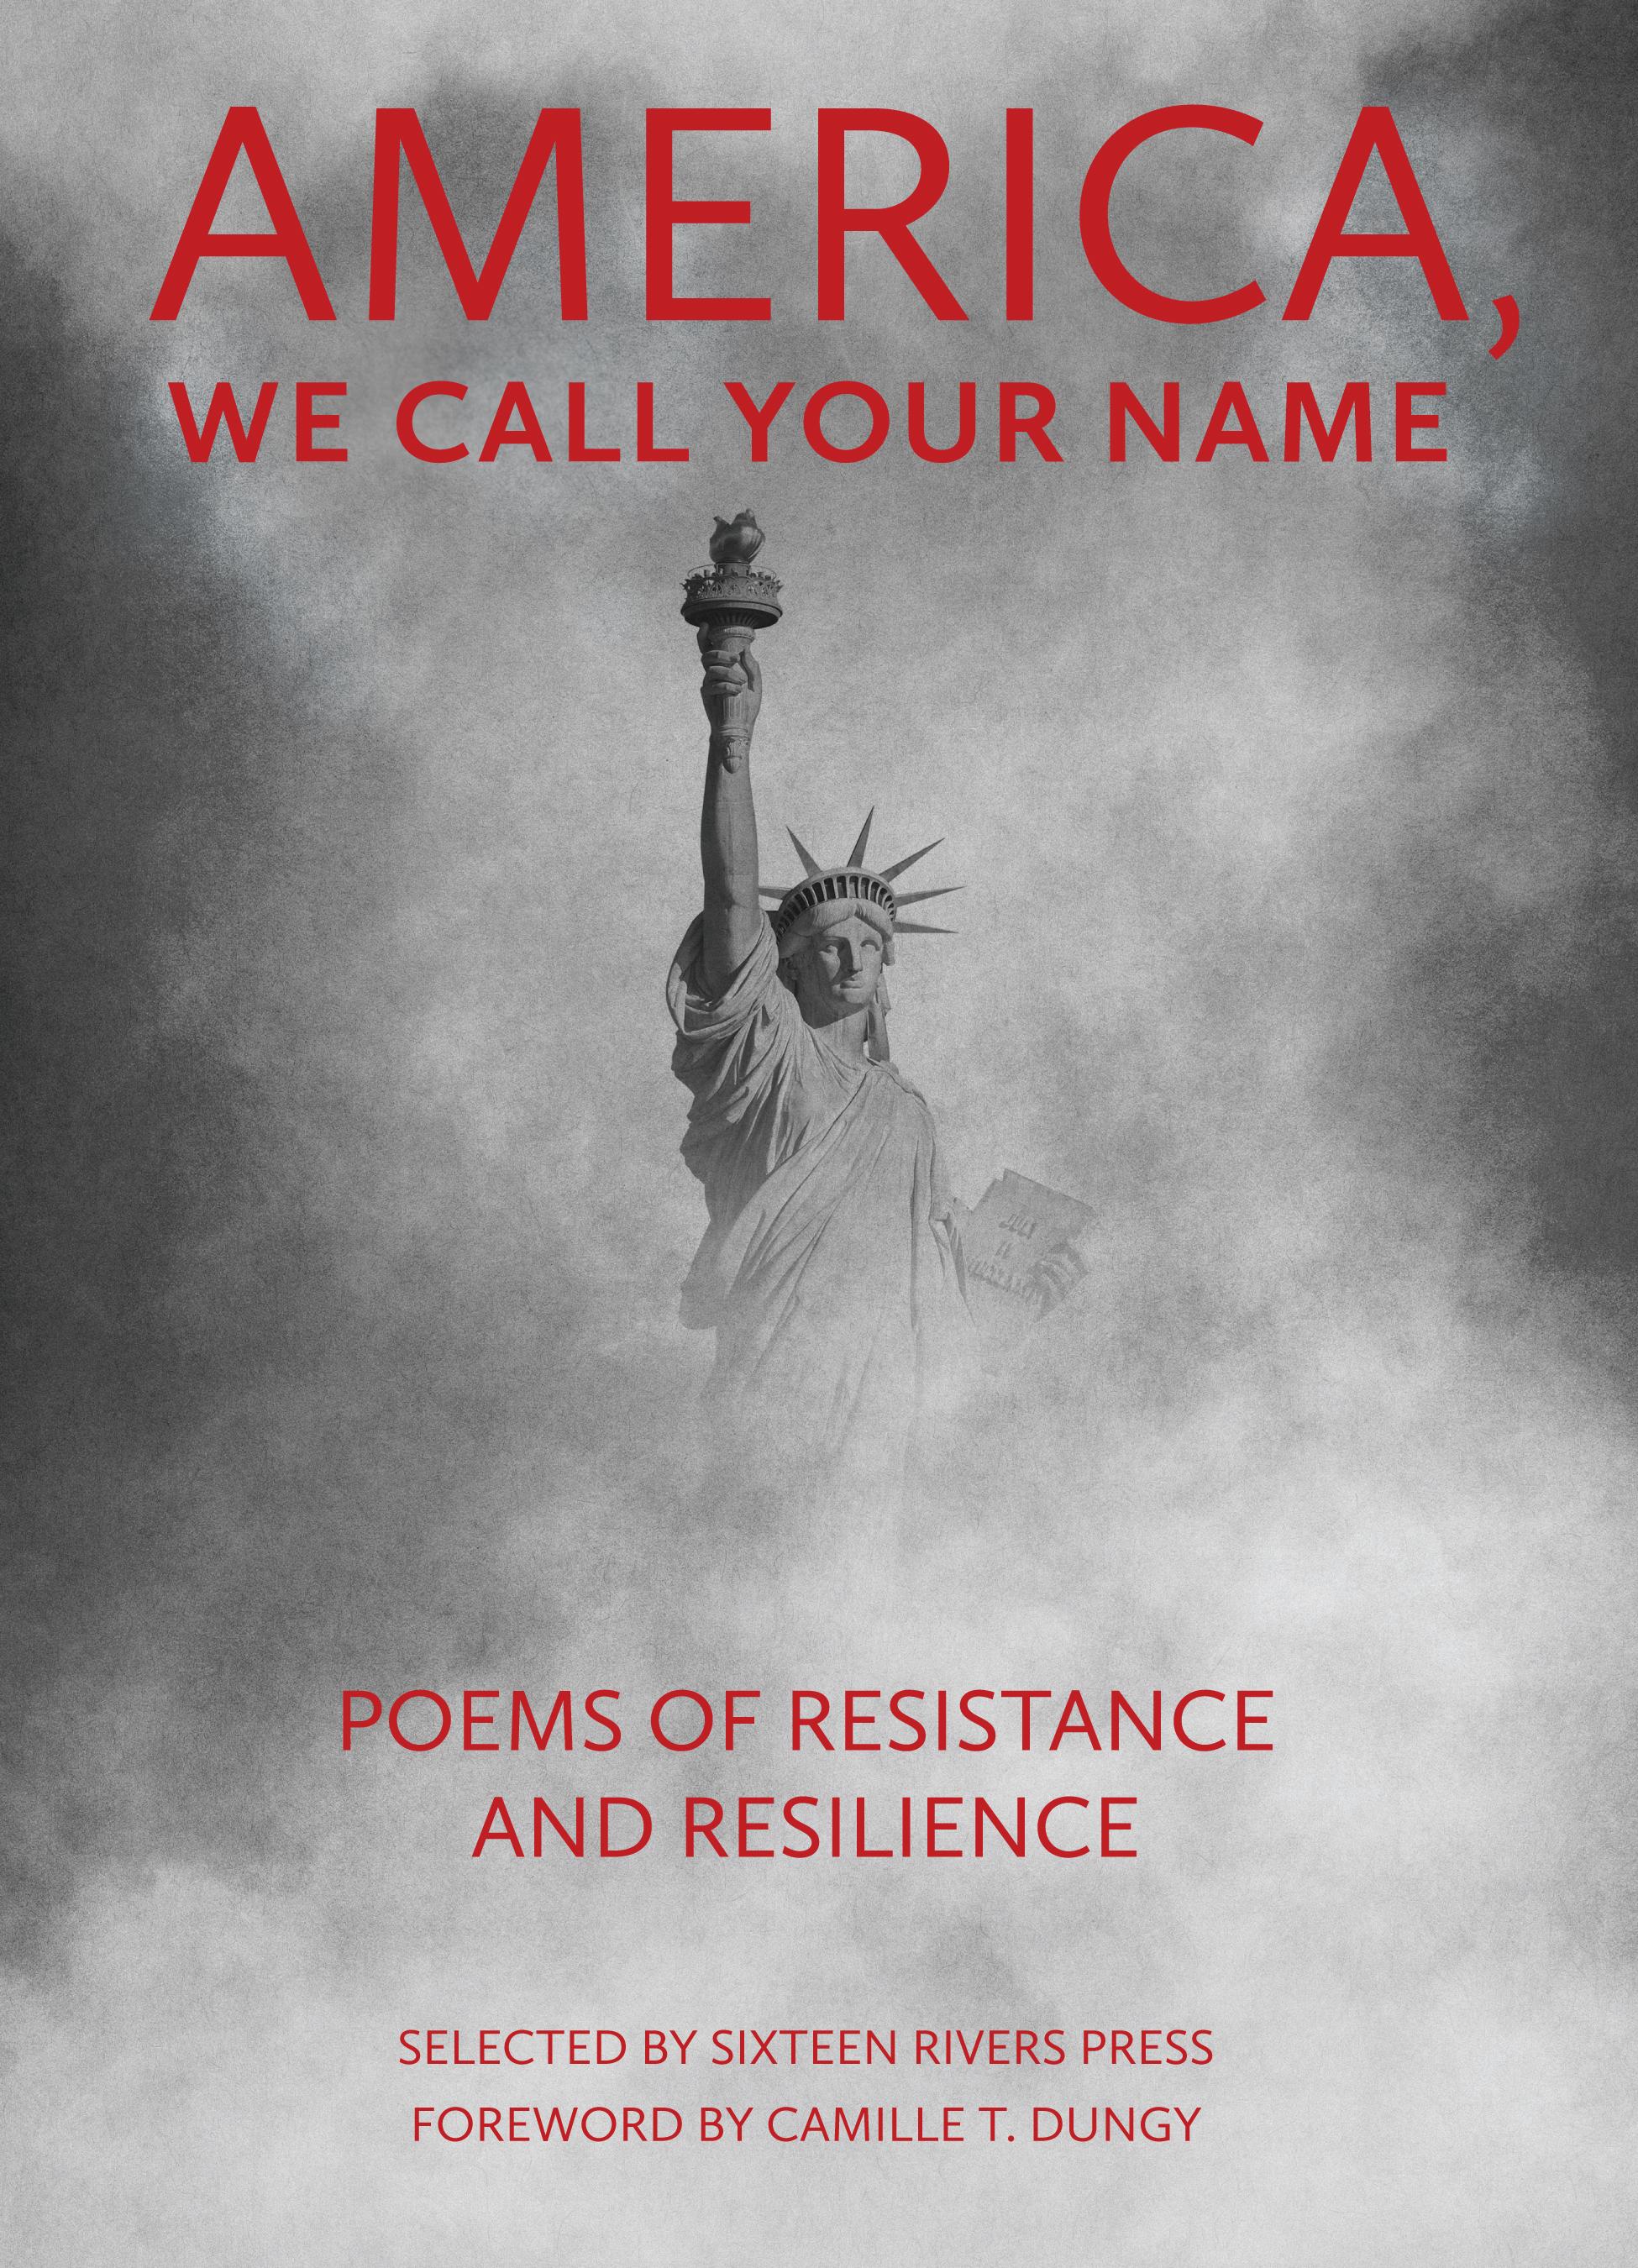 America Cover.jpeg